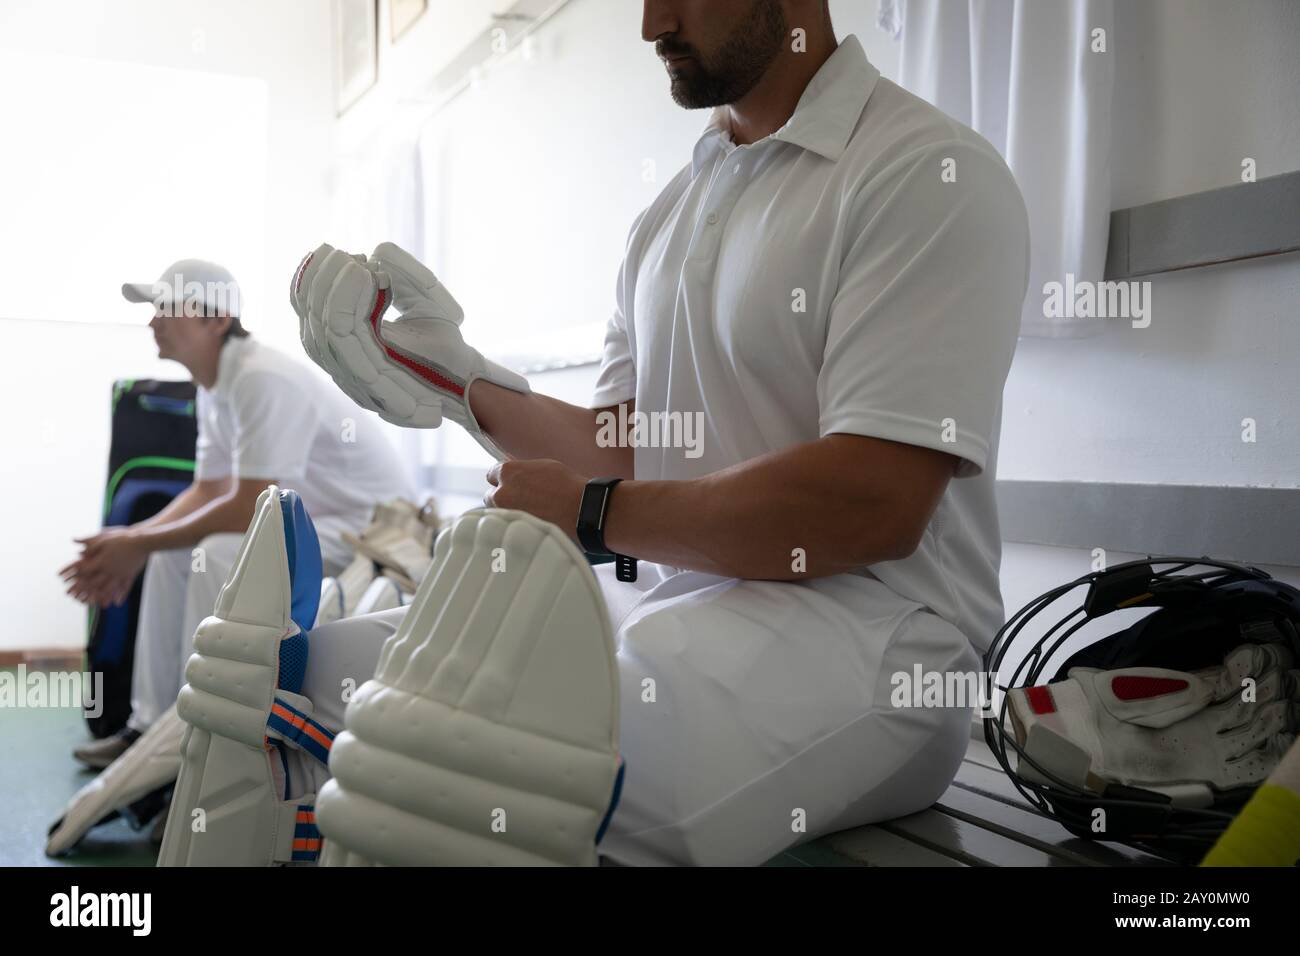 Homme se préparant dans le vestiaire avant de jouer Banque D'Images